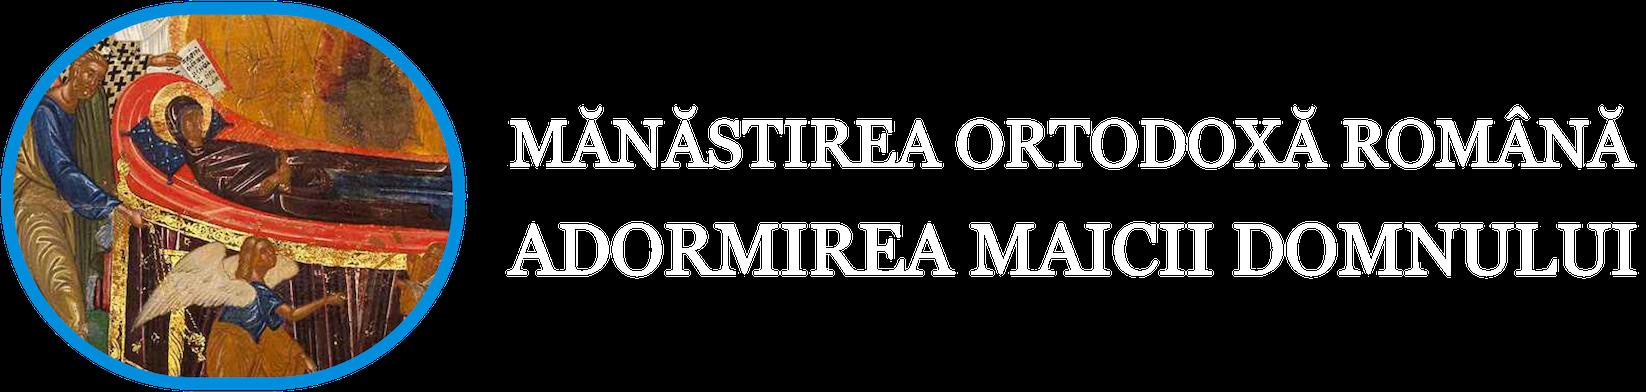 Mănăstirea Ortodoxă Română Adormirea Maicii Domnului